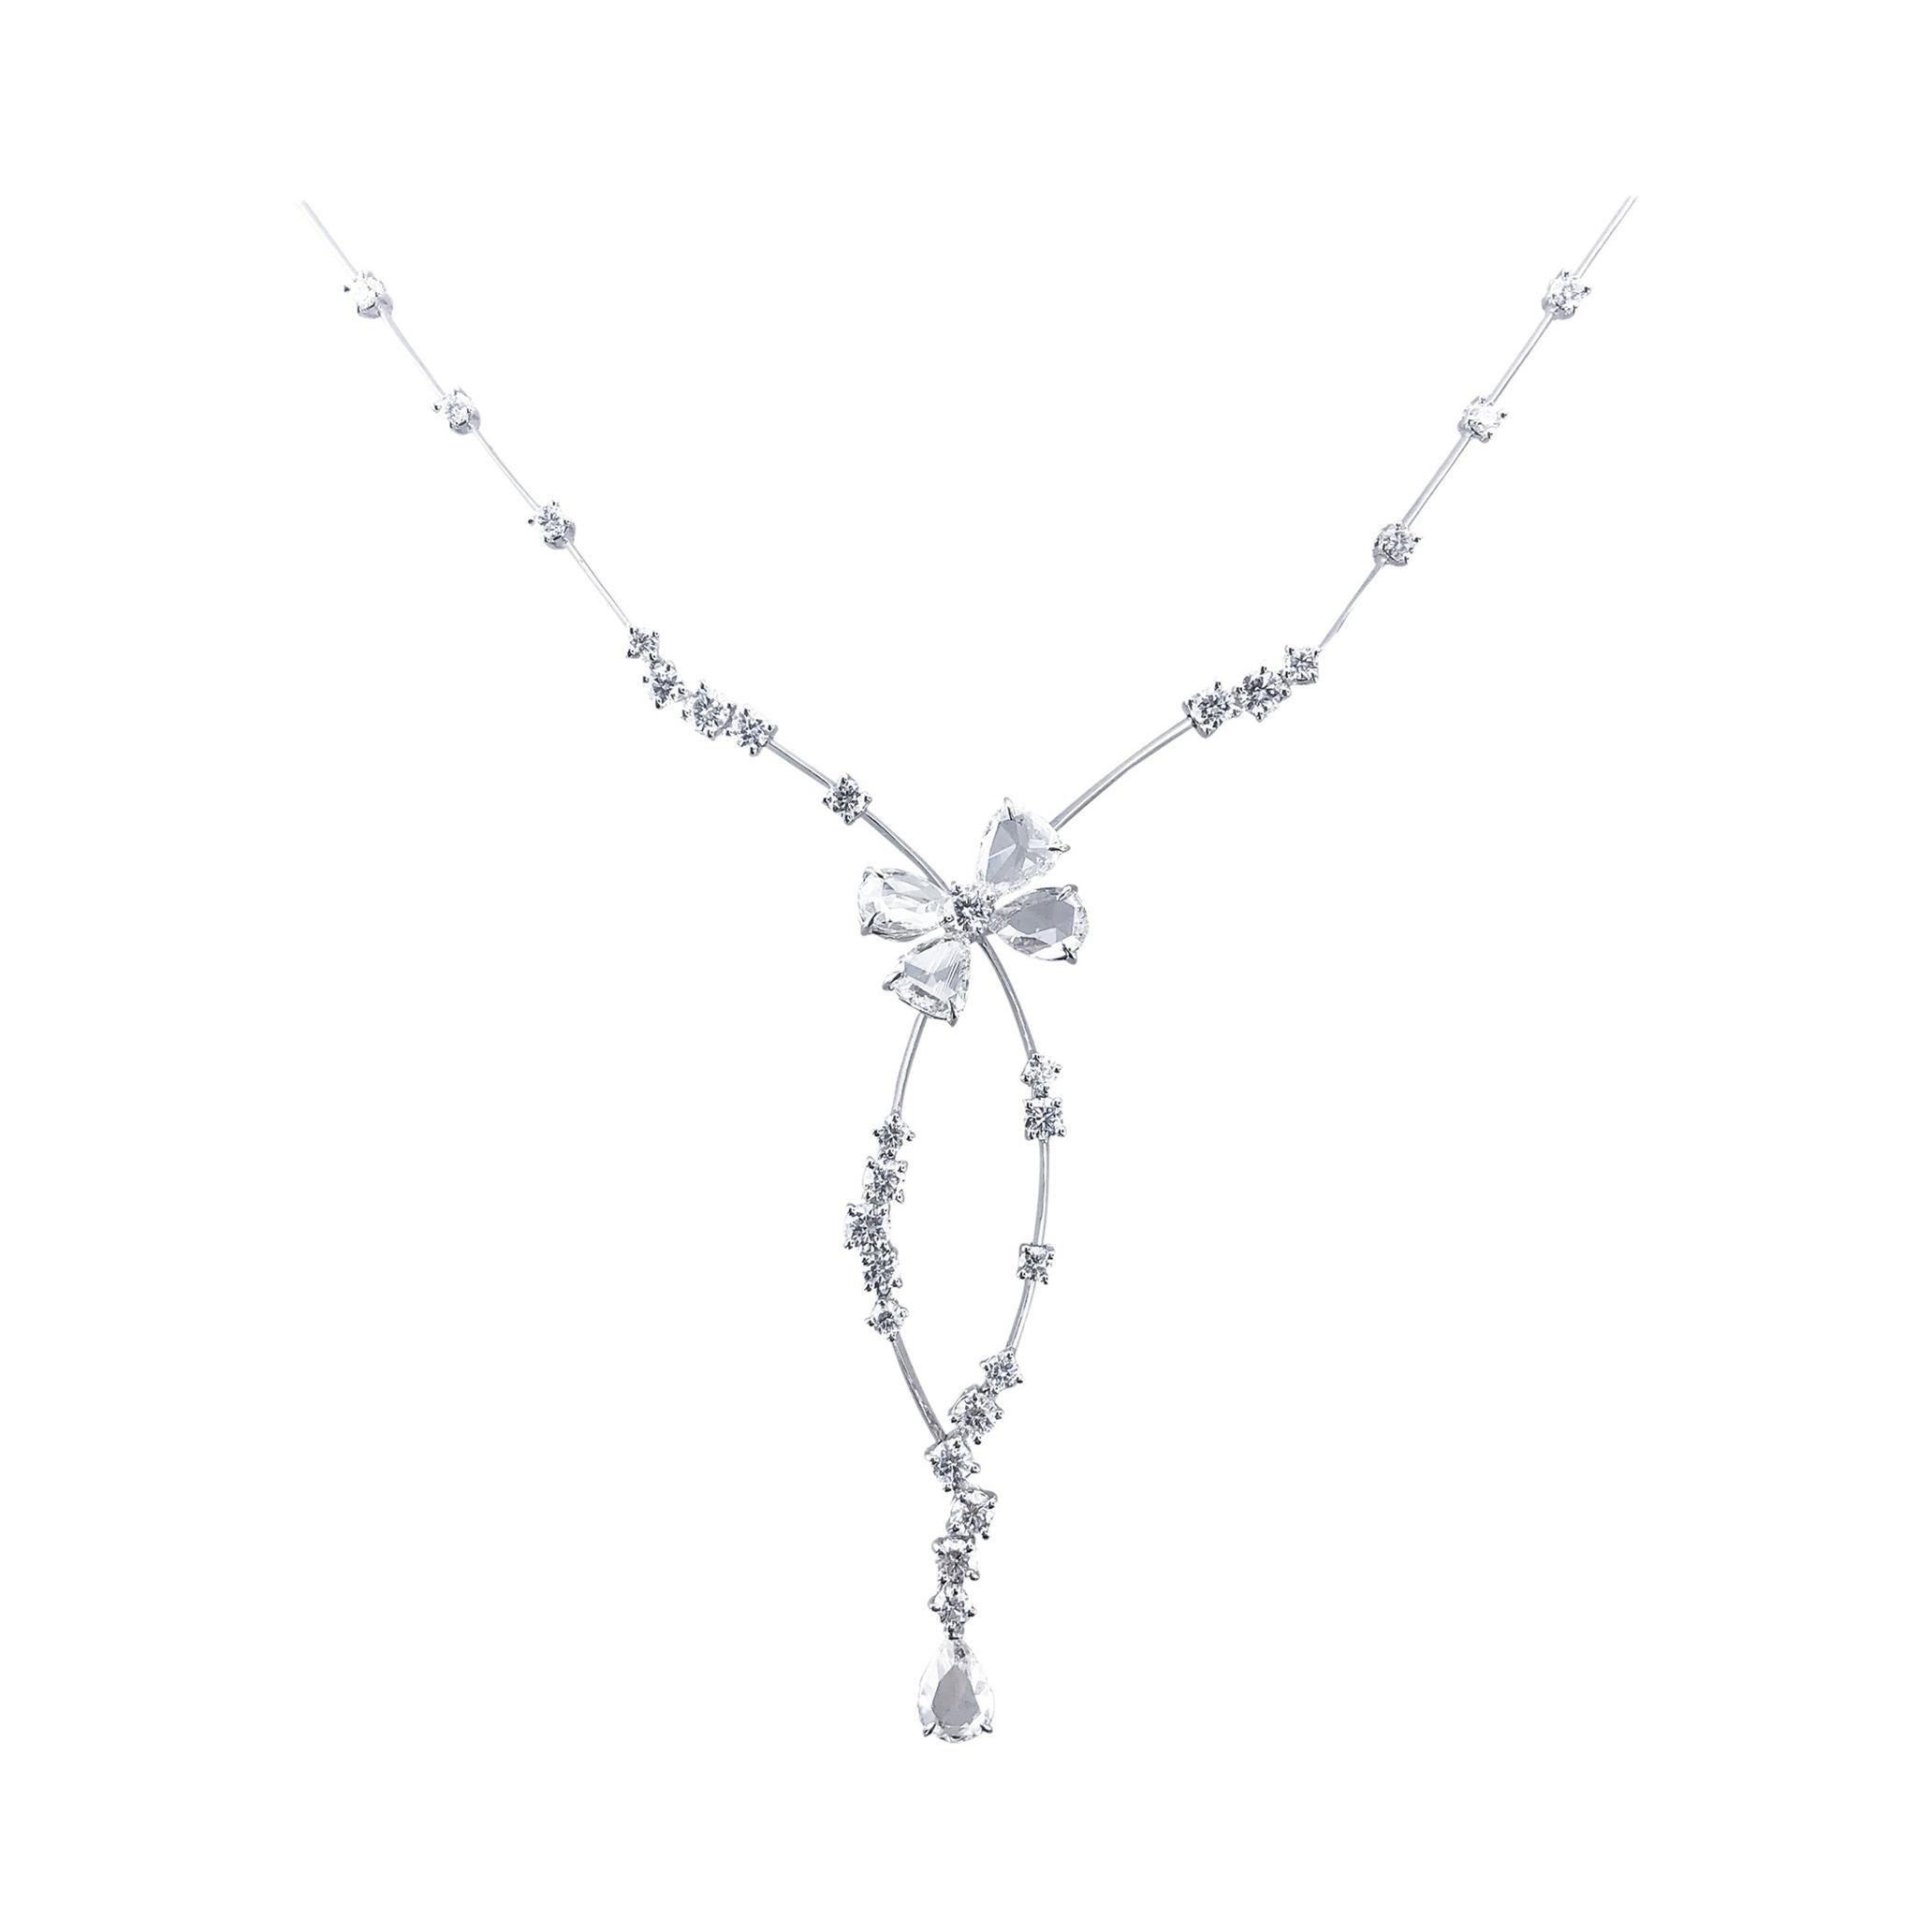 Stefan Hafner 6.18 Carats, Set in 18kt White Gold, Rose Cut Bow Diamond Necklace